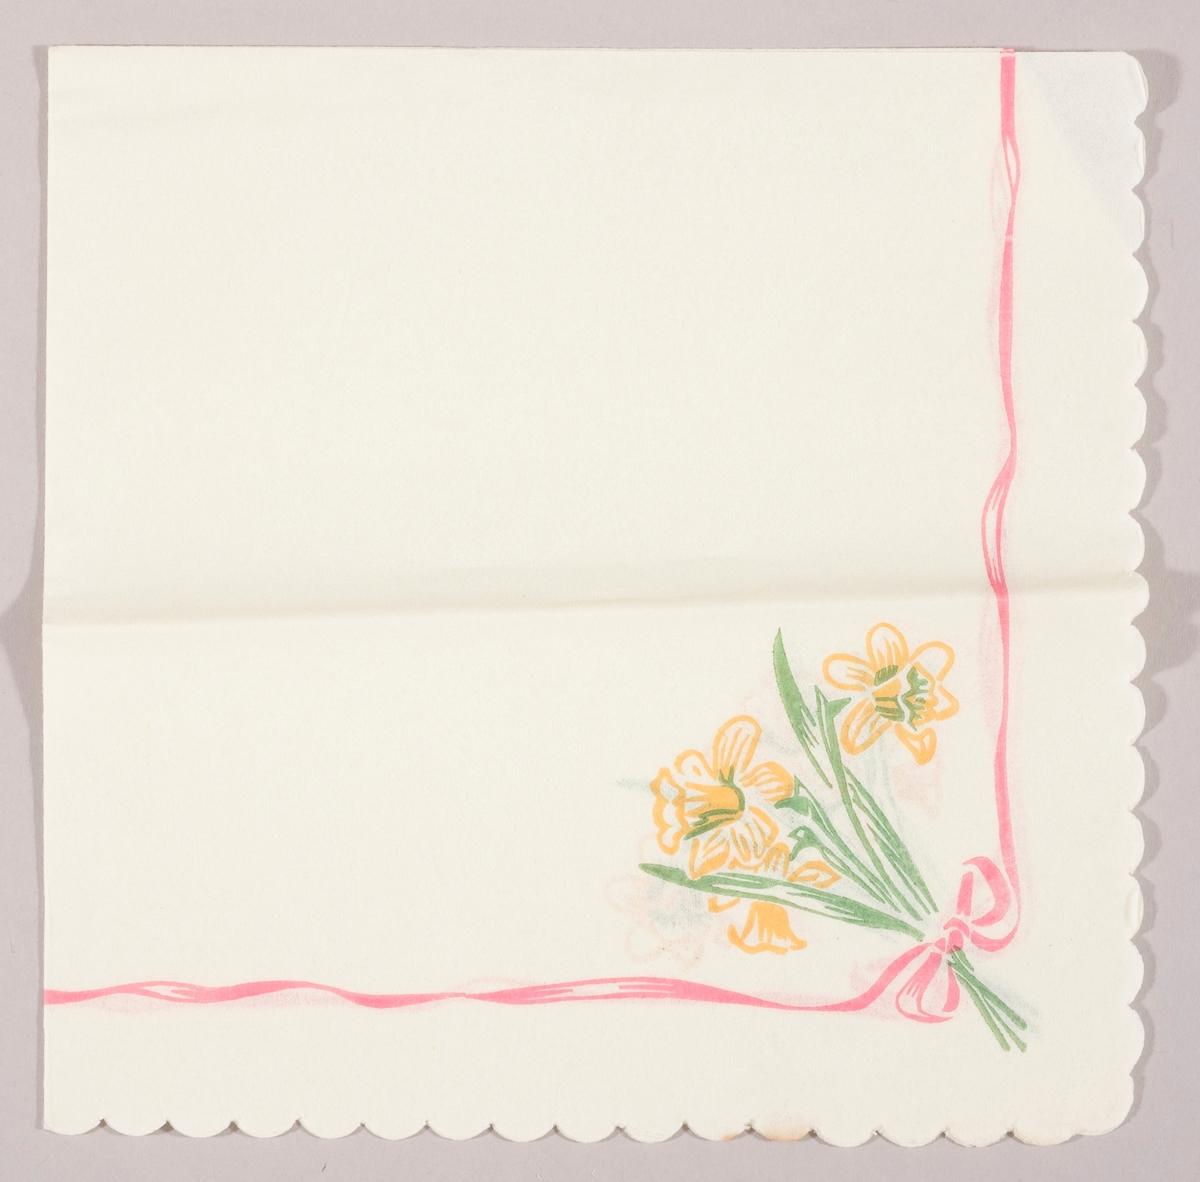 En bukett med påskeliljer bundet sammen med et rødt bånd med sløyfe.